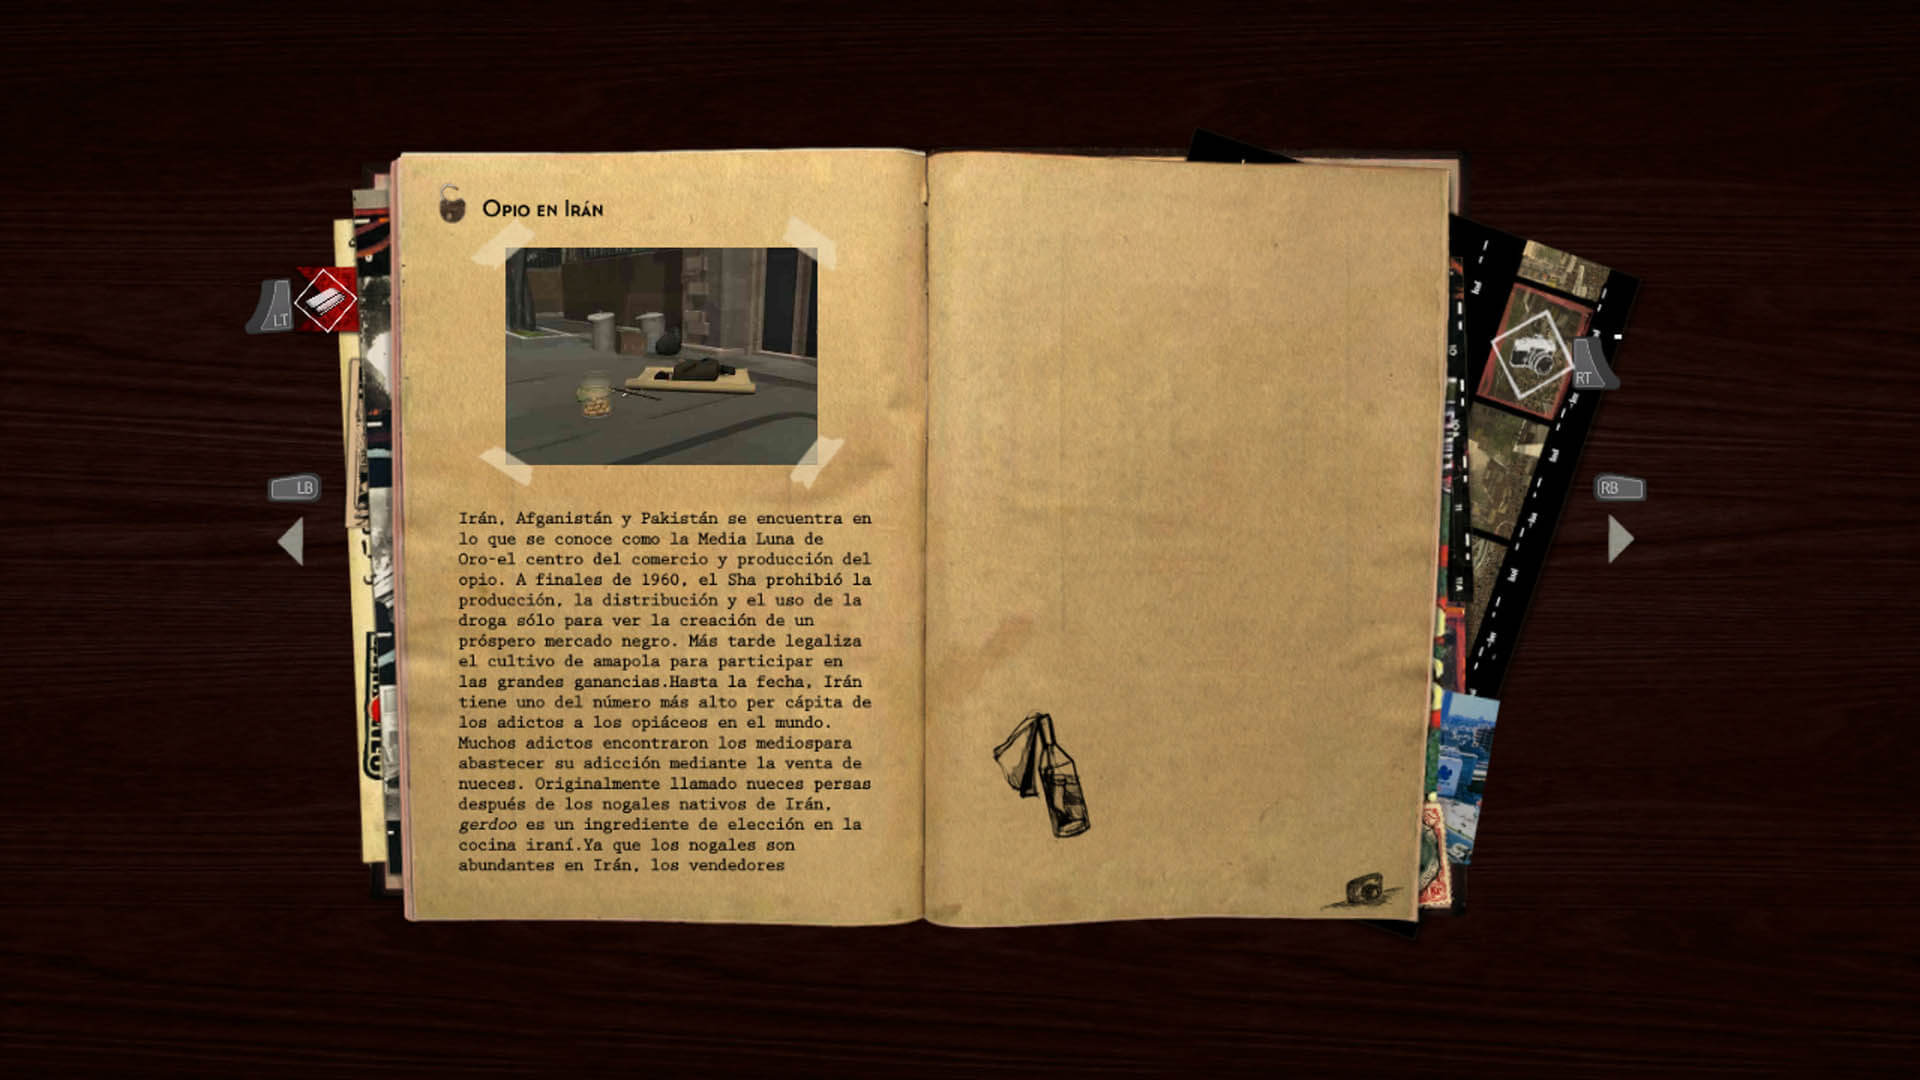 1979 Revolution Black Friday_historia 2